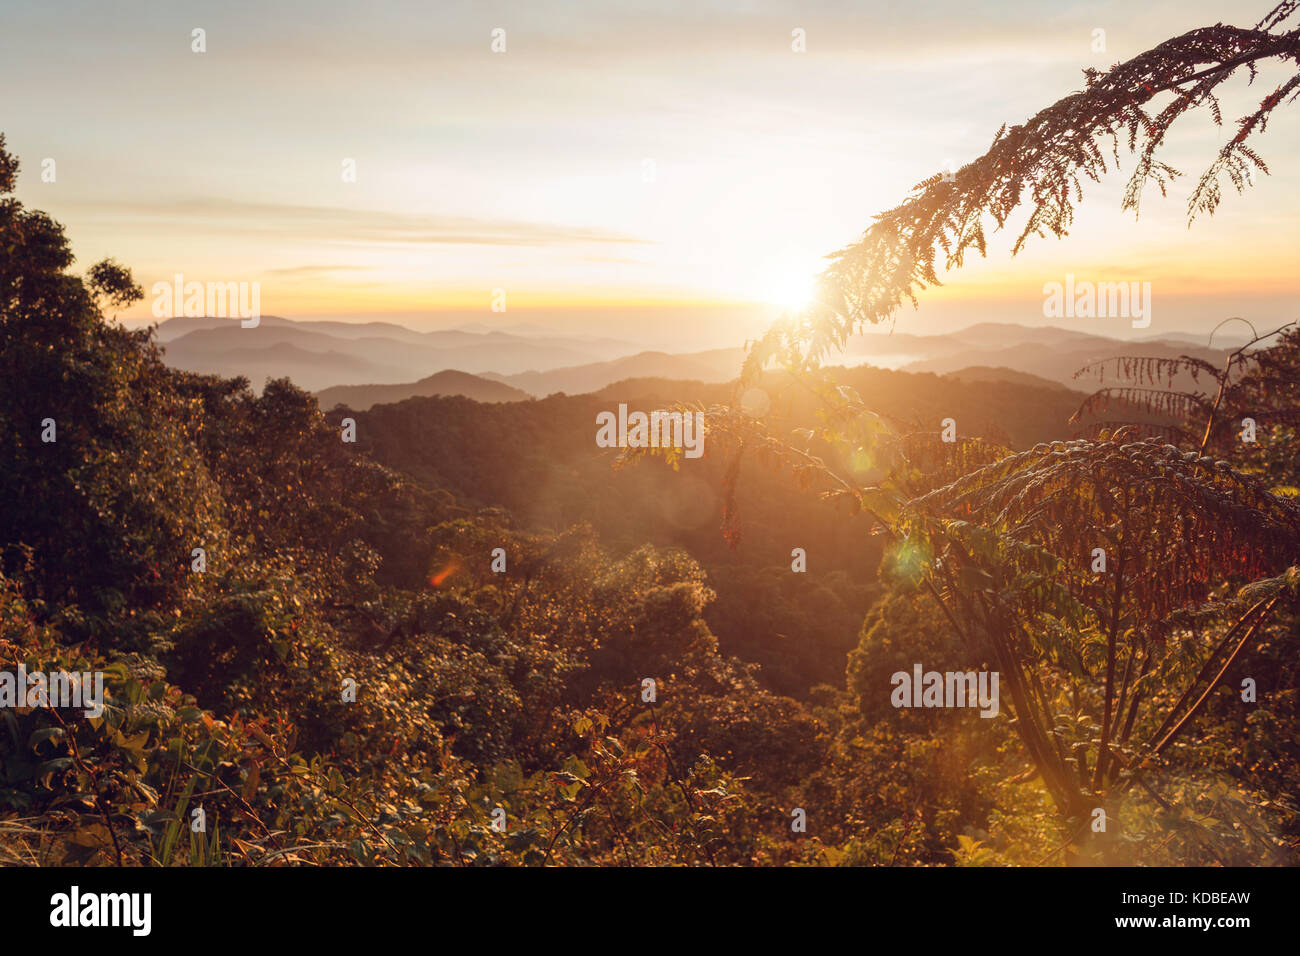 Sunrise caldo in una zona di montagna in Malesia Immagini Stock